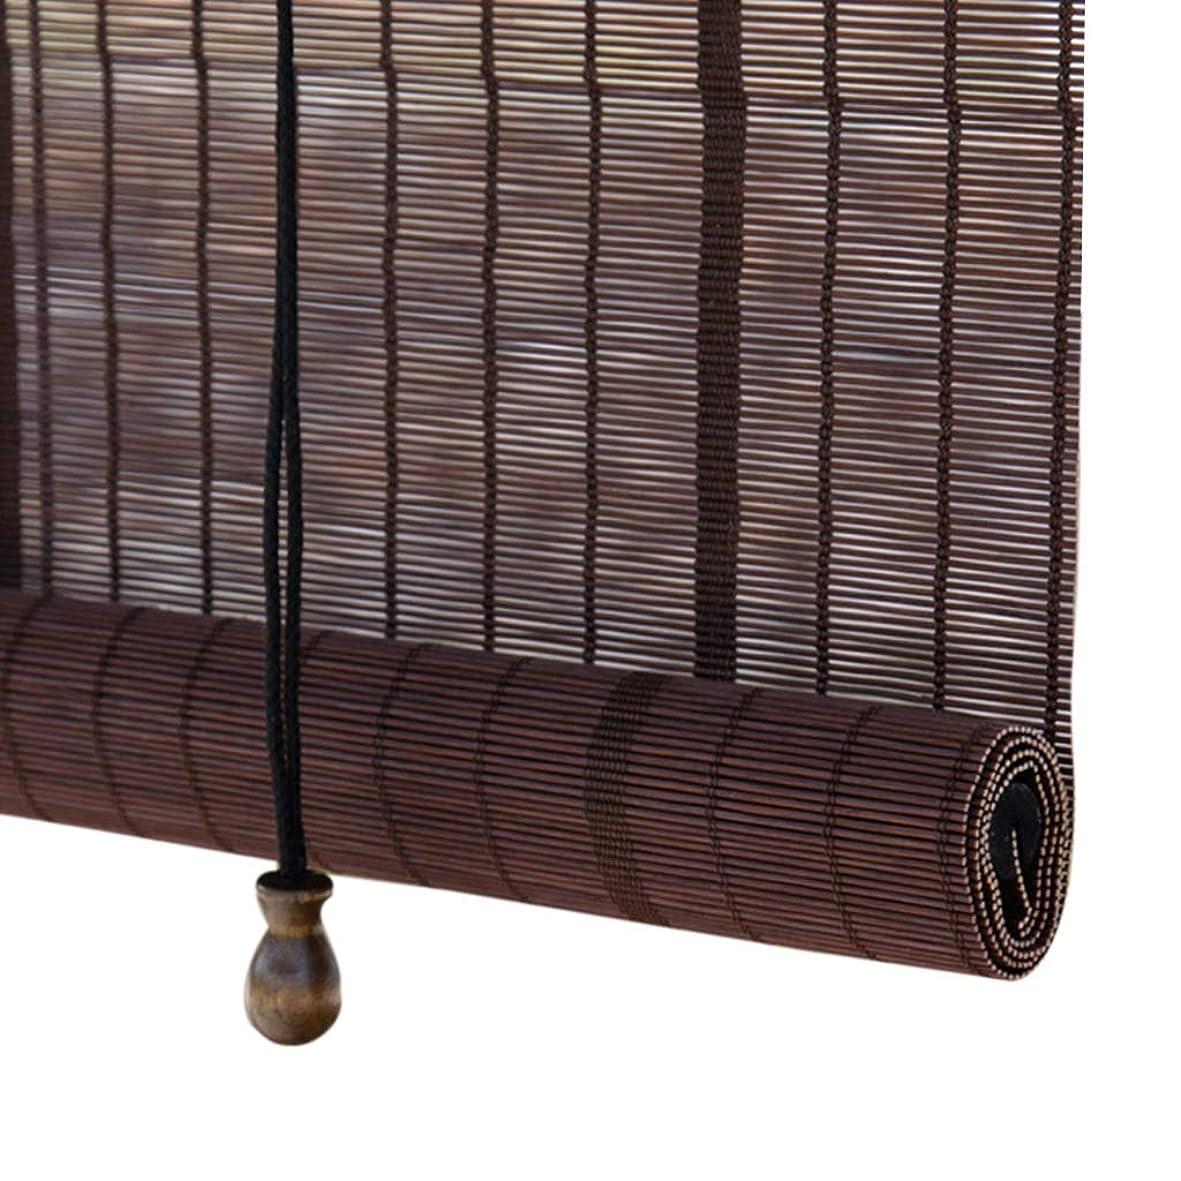 財布リフトオープナーすだれ ロールスクリーン 窓のドア用の軽量ローラーブラインド、55cm / 75cm / 95cm / 115cm / 135cmワイド竹サンシェード、ブラウン (サイズ さいず : 75×170cm)